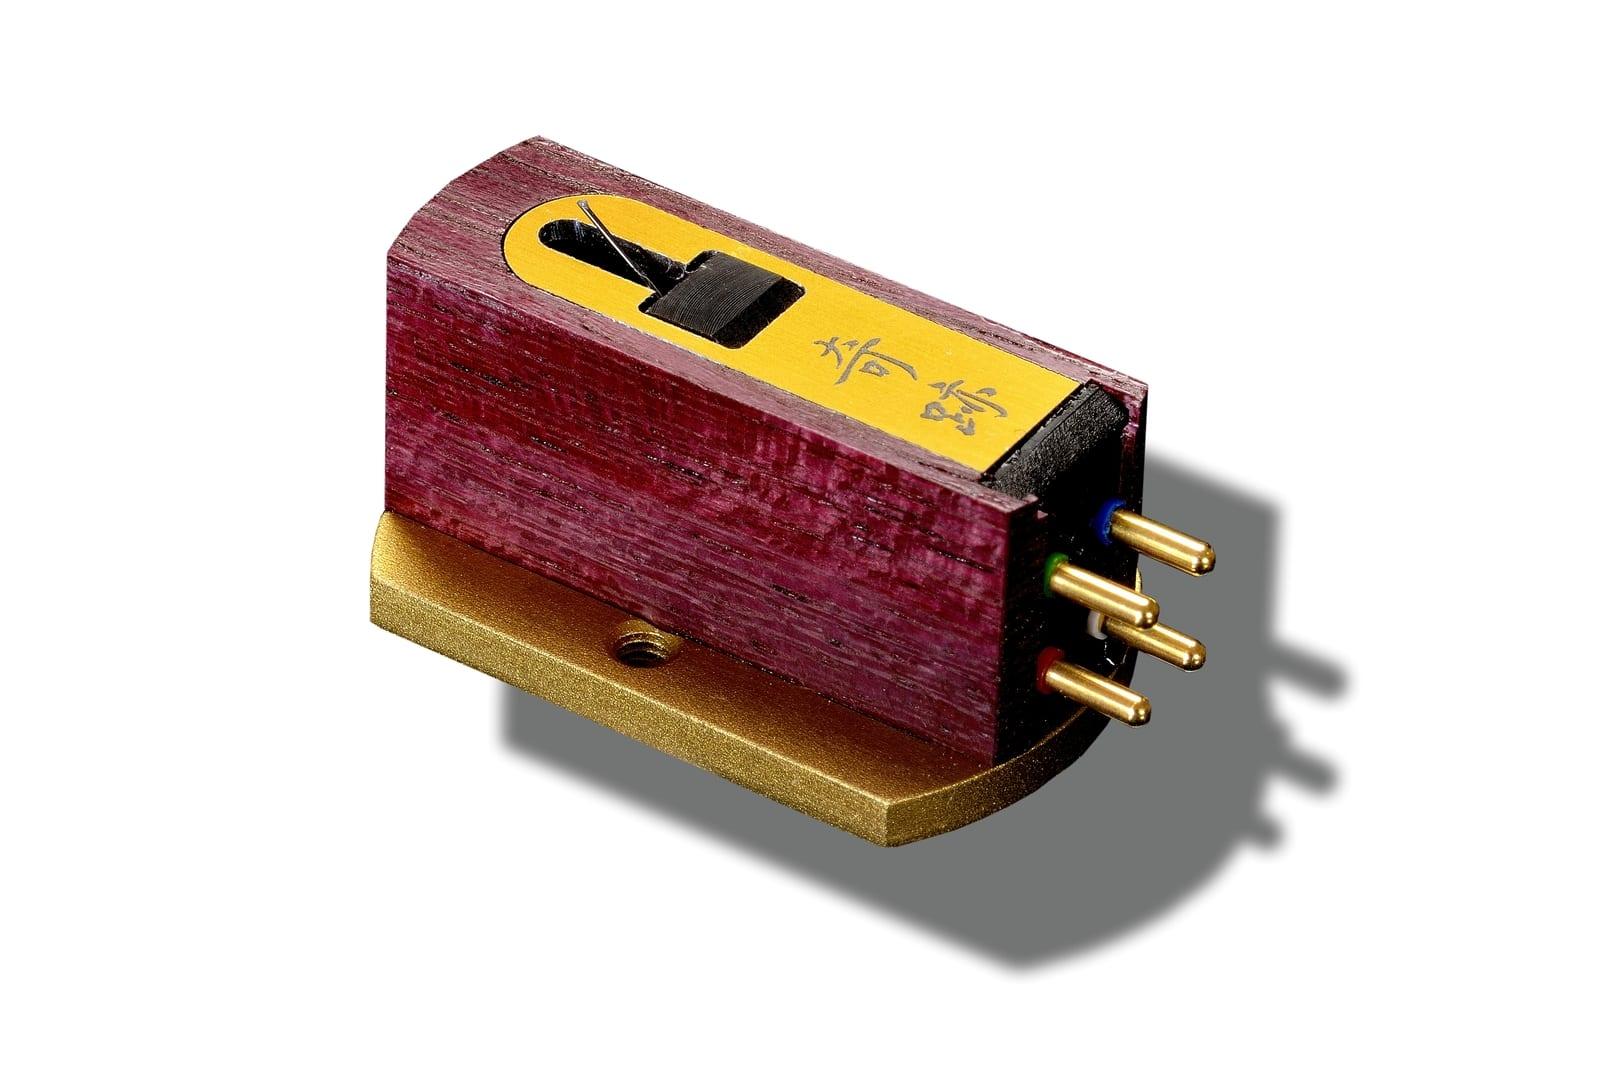 Kiseki PurpleHeart NS Moving-Coil  Phono Cartridge